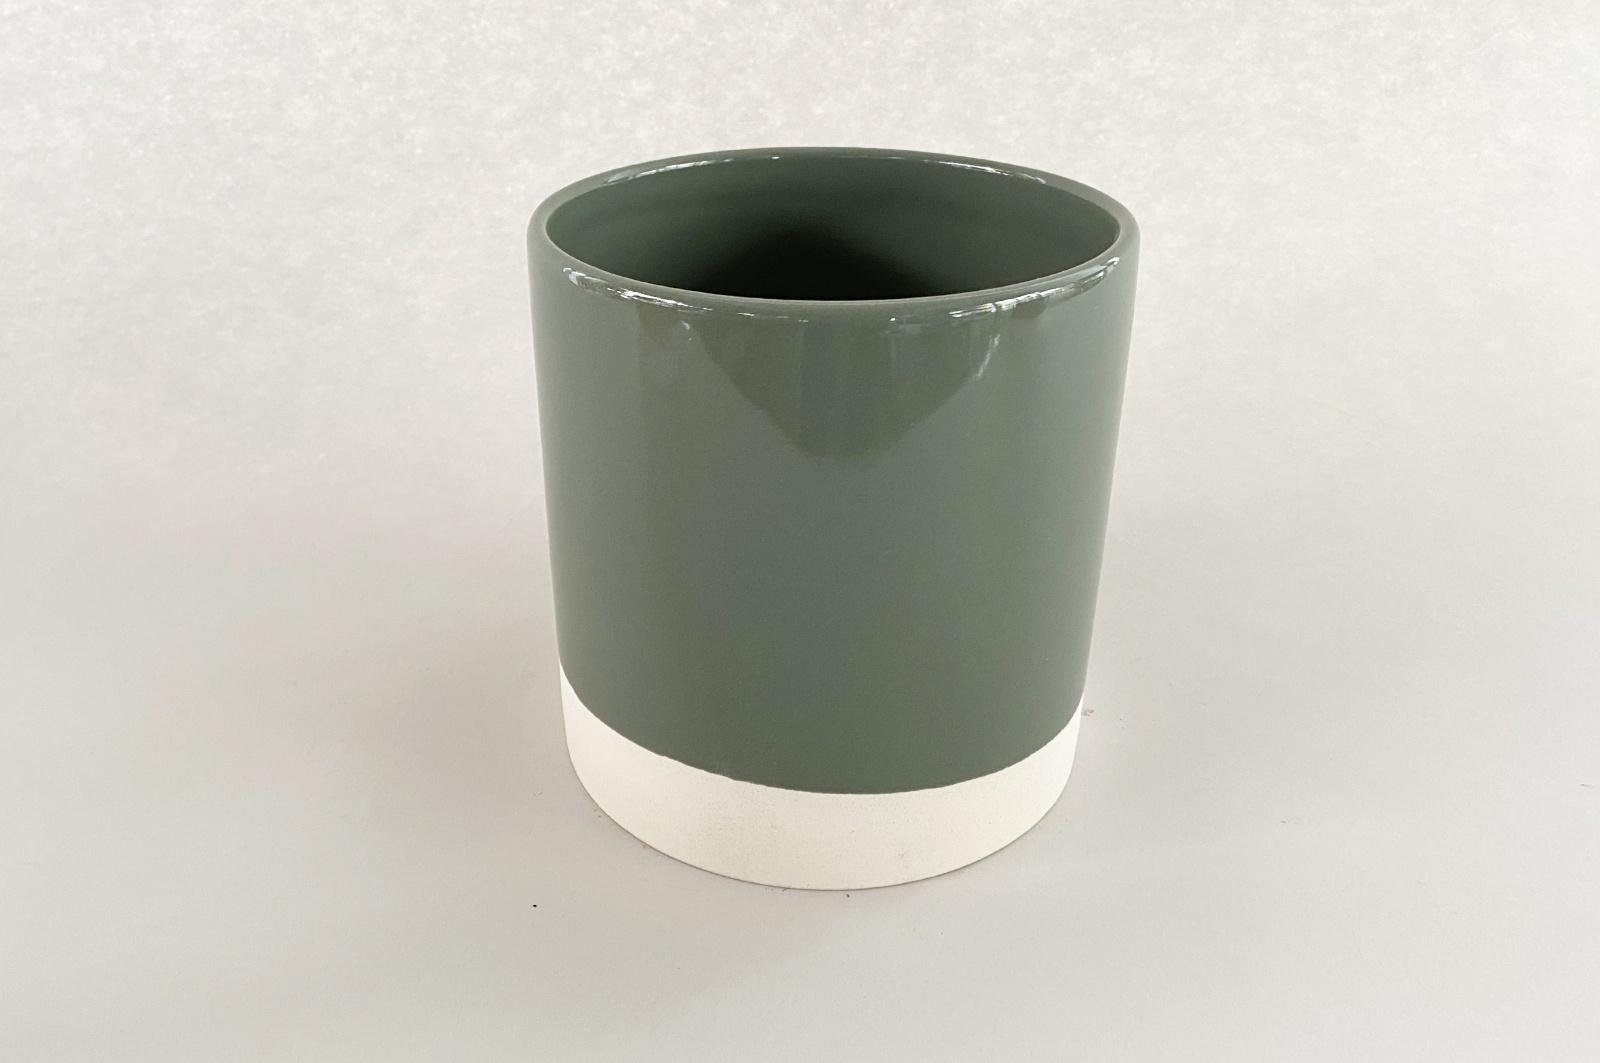 A015AA Cache-pot en céramique kaki D11cm H11.5cm